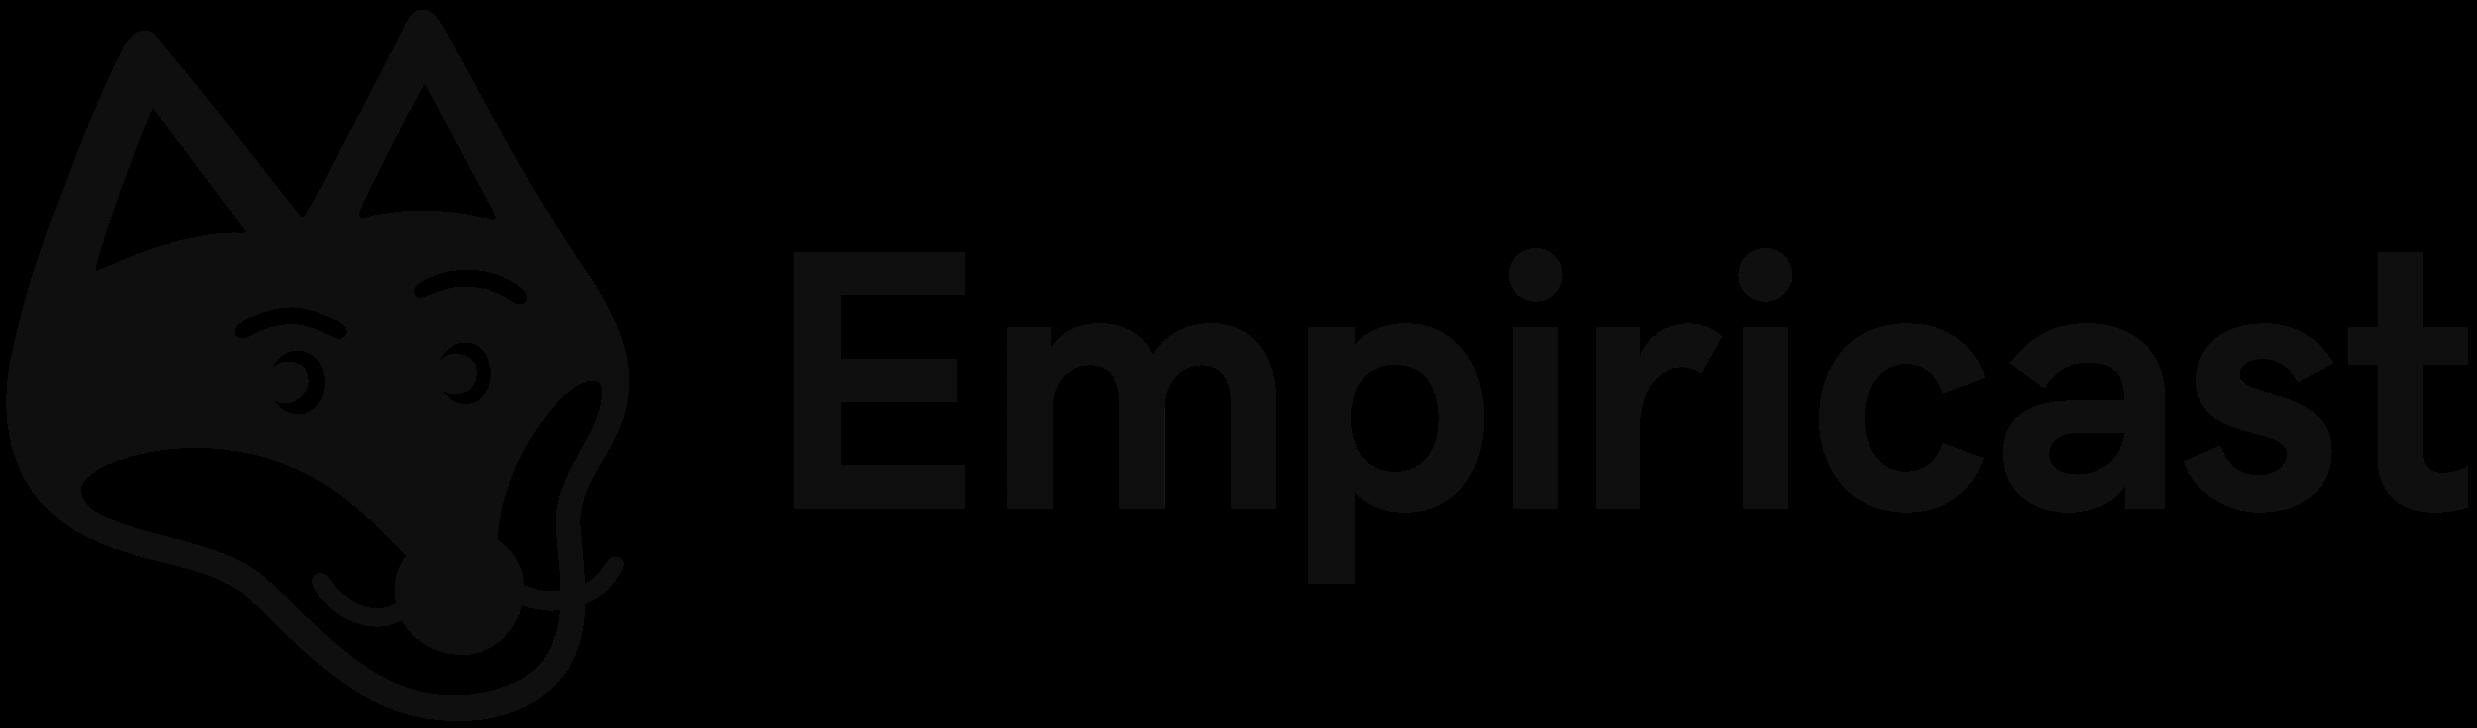 Empiricast